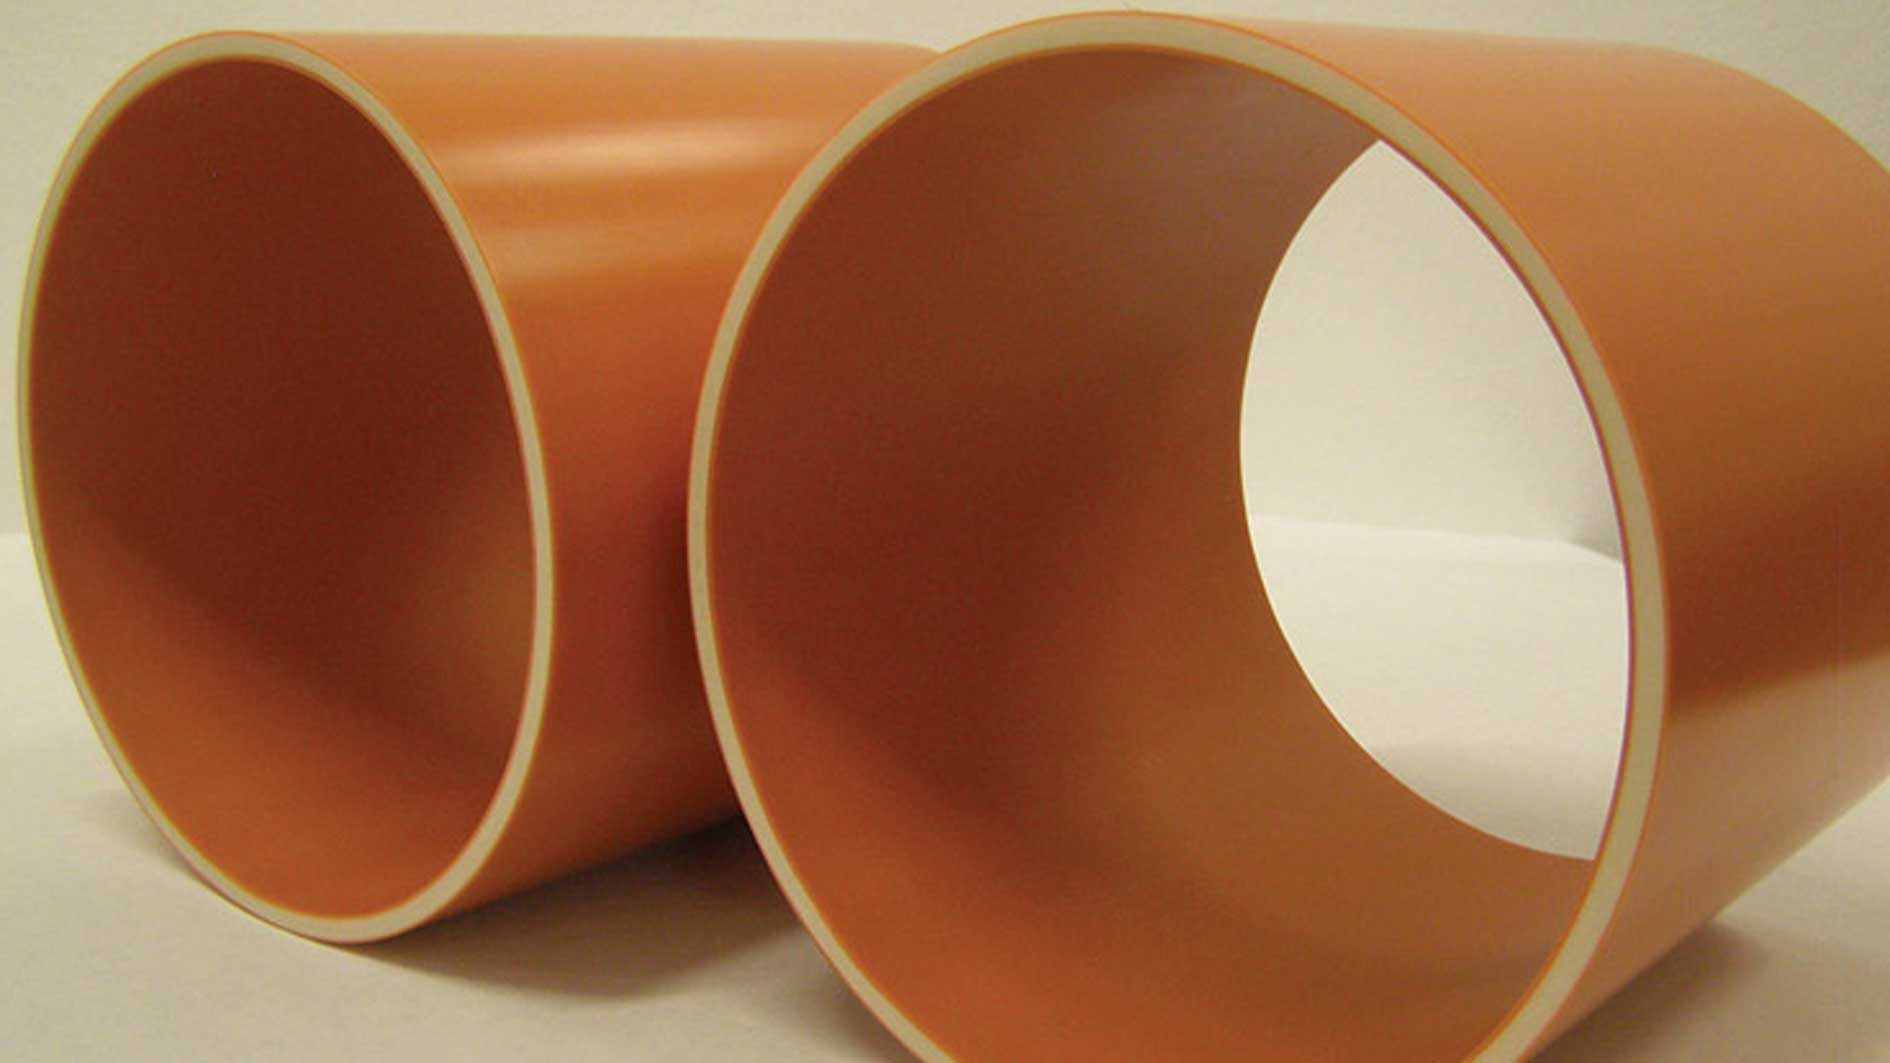 Kelebihan Pipa PVC Limbah, Permukaan yang Halus